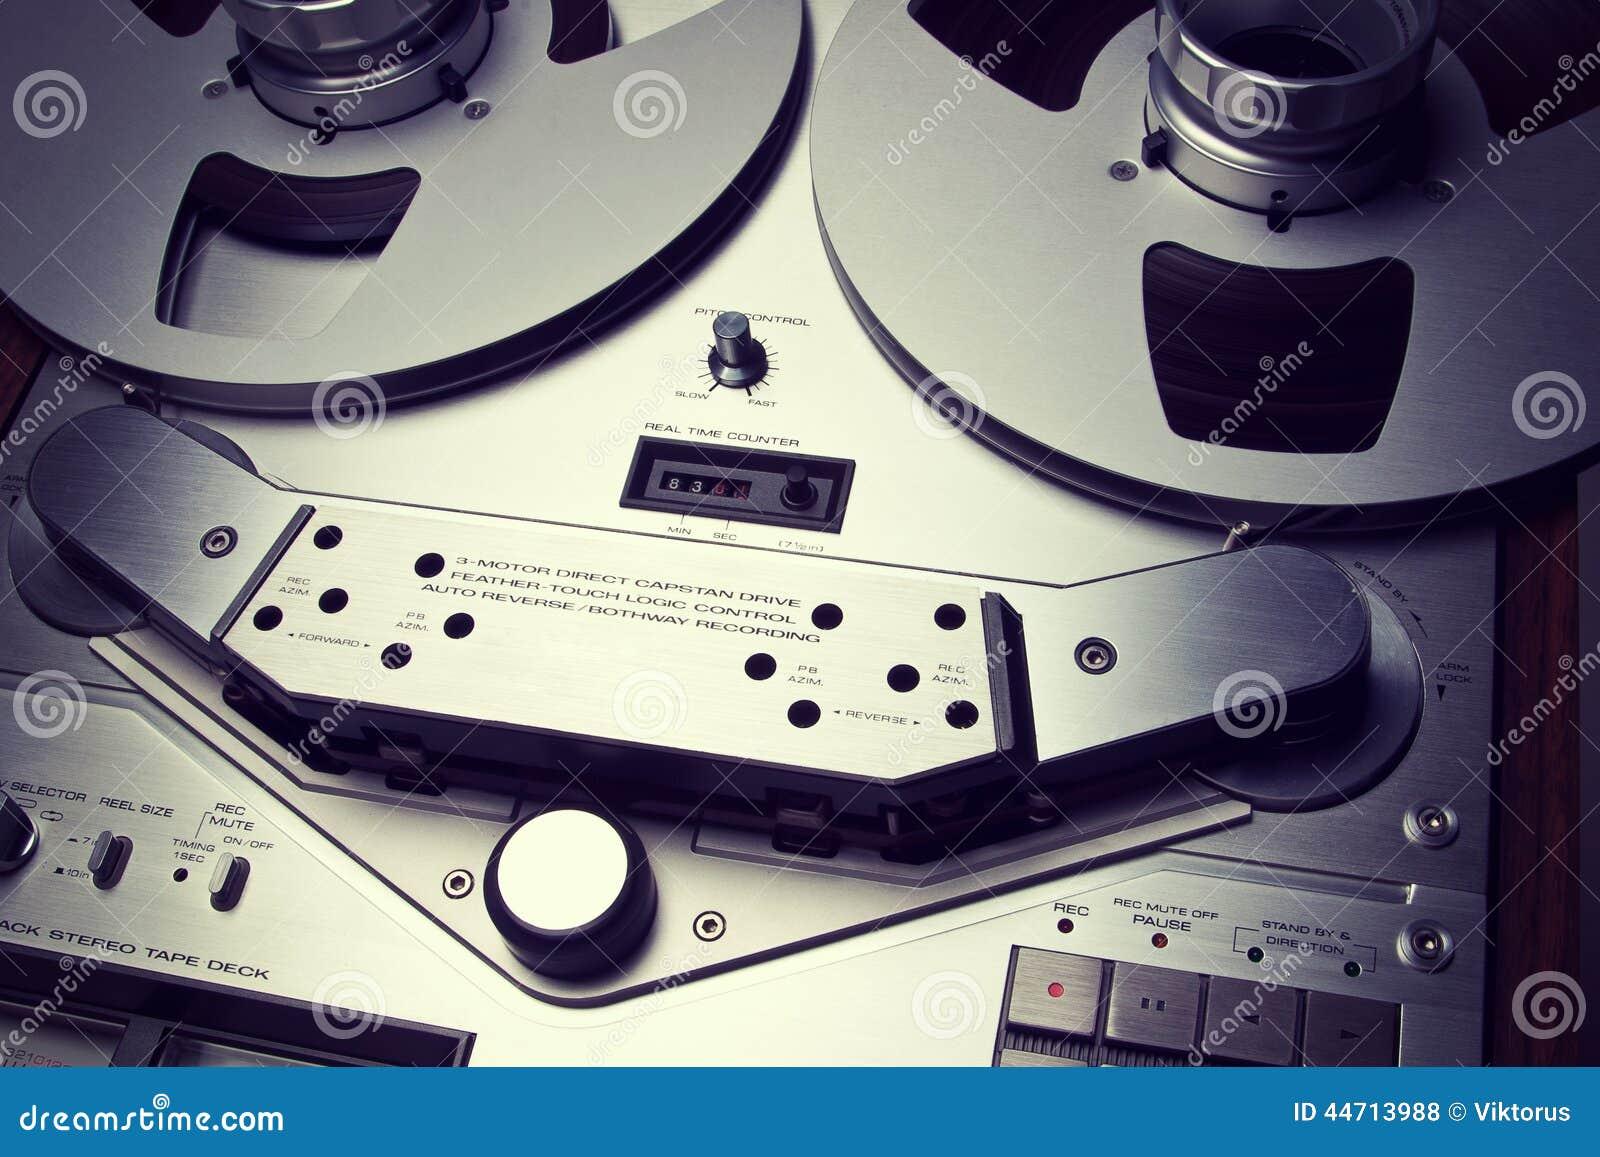 Fim aberto do dispositivo do medidor do VU do registrador da plataforma de fita do carretel do estéreo análogo